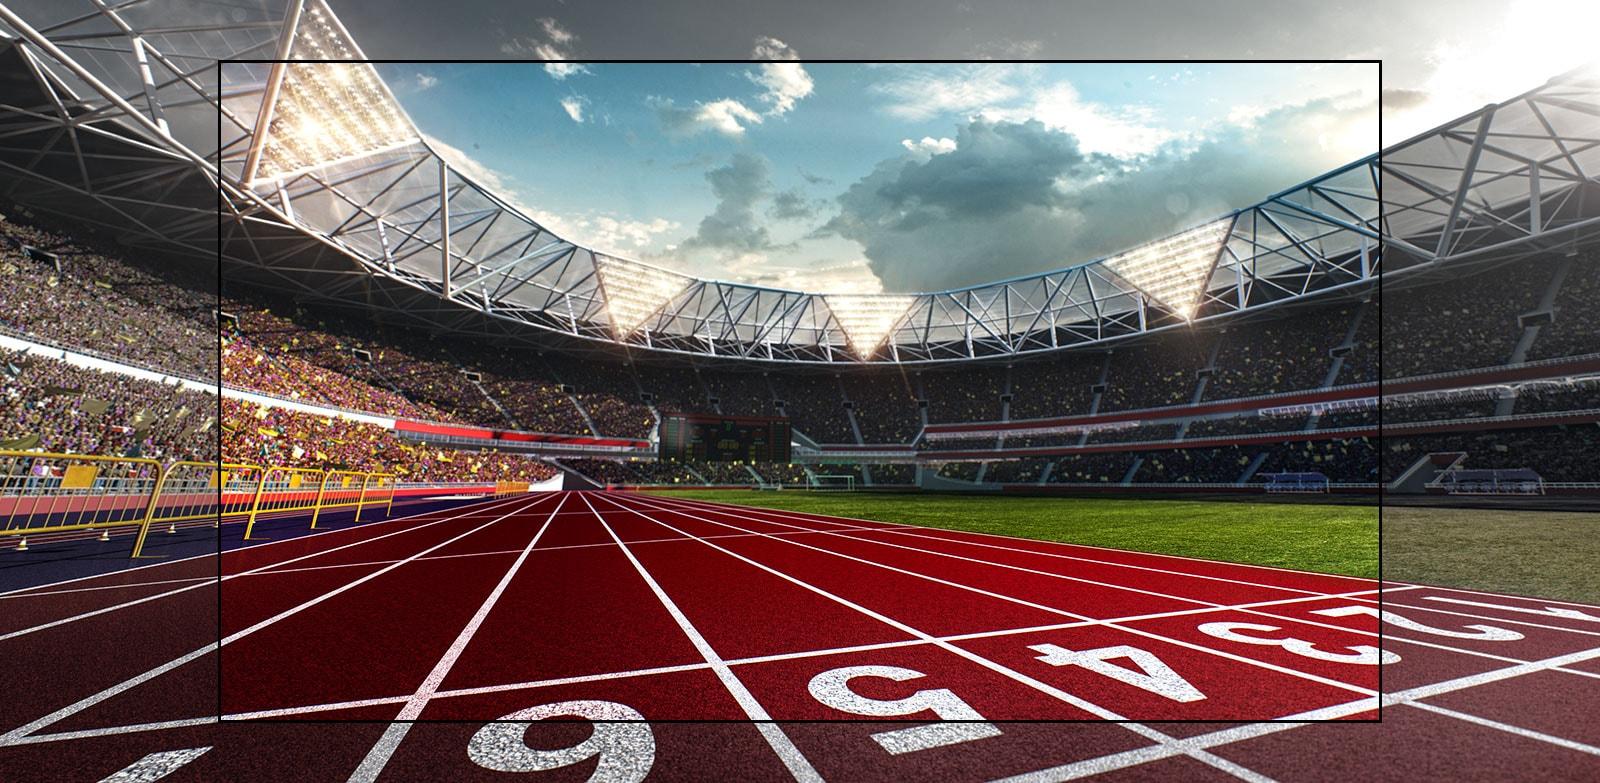 TV zaslon, ki prikazuje stadion s pogledom na dirkališče od blizu. Stadion je poln gledalcev.